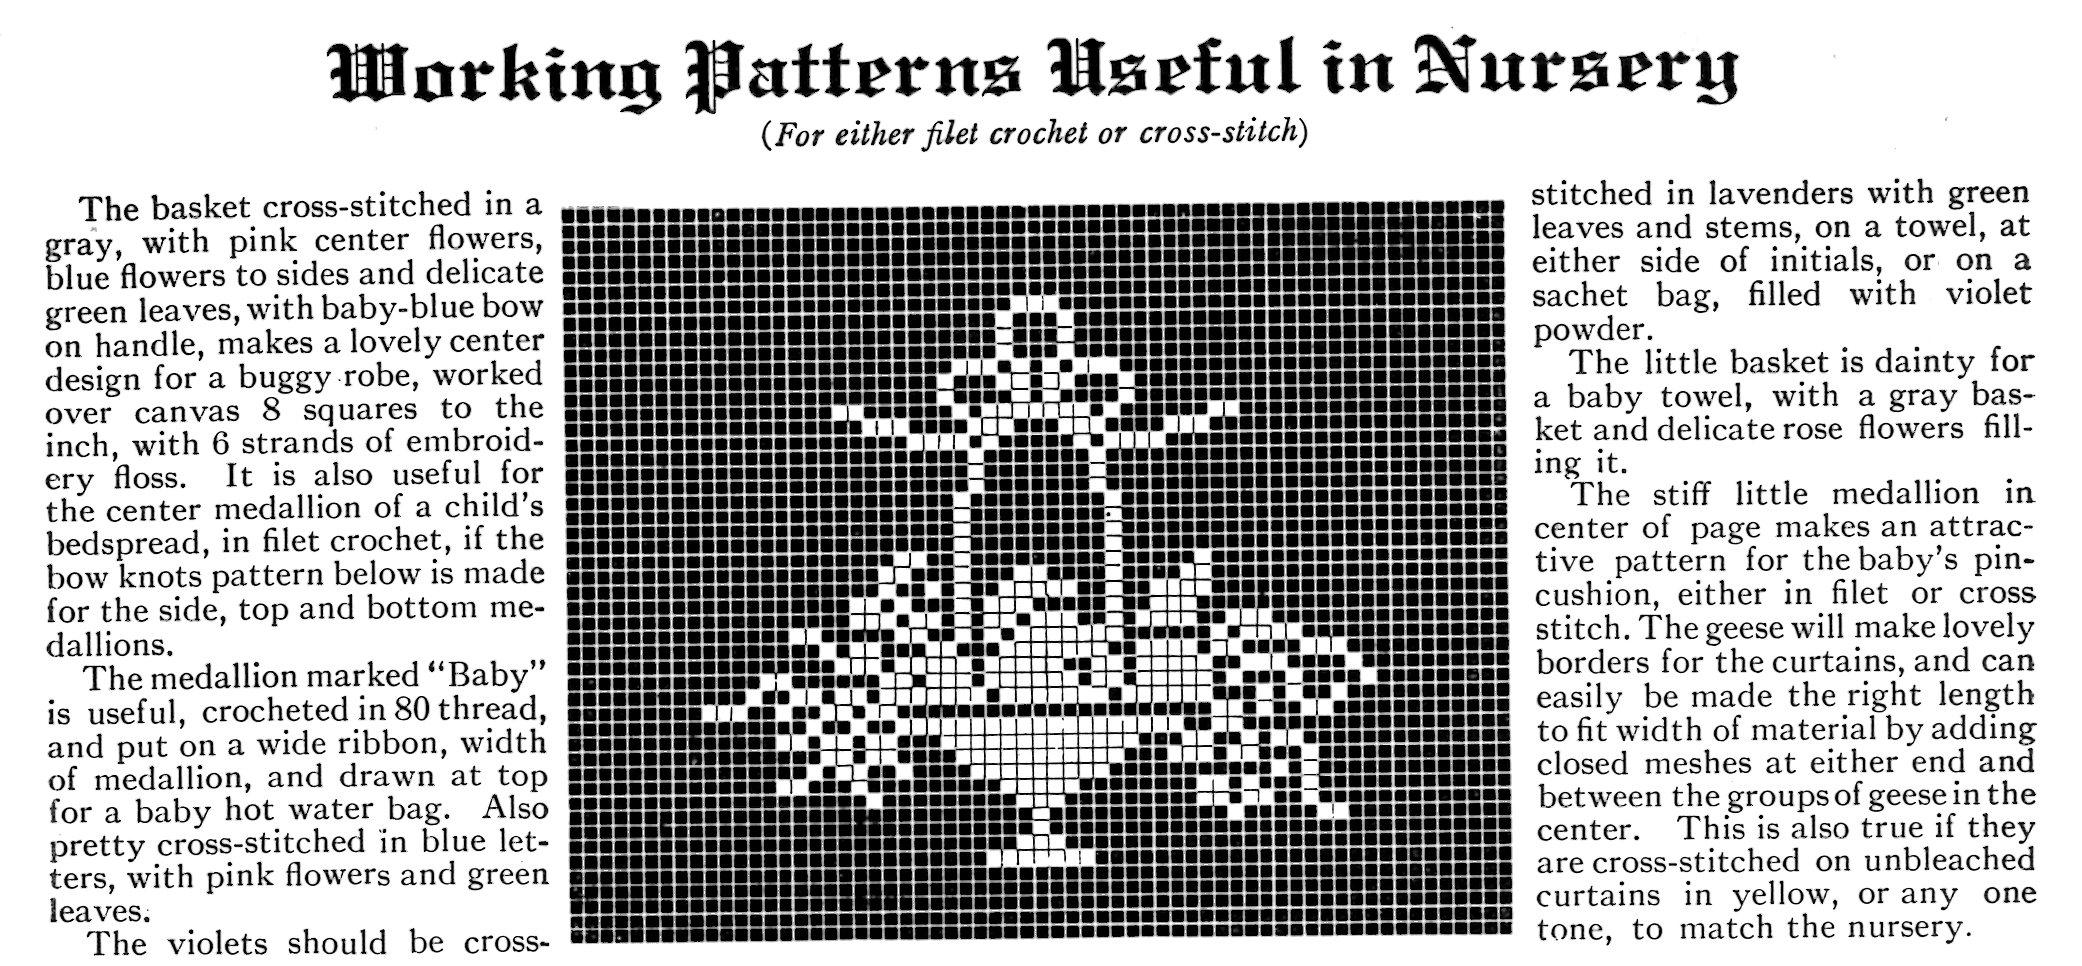 Cross Stitch or Filet Crochet Baby Nursery Patterns - Vintage Crafts ...